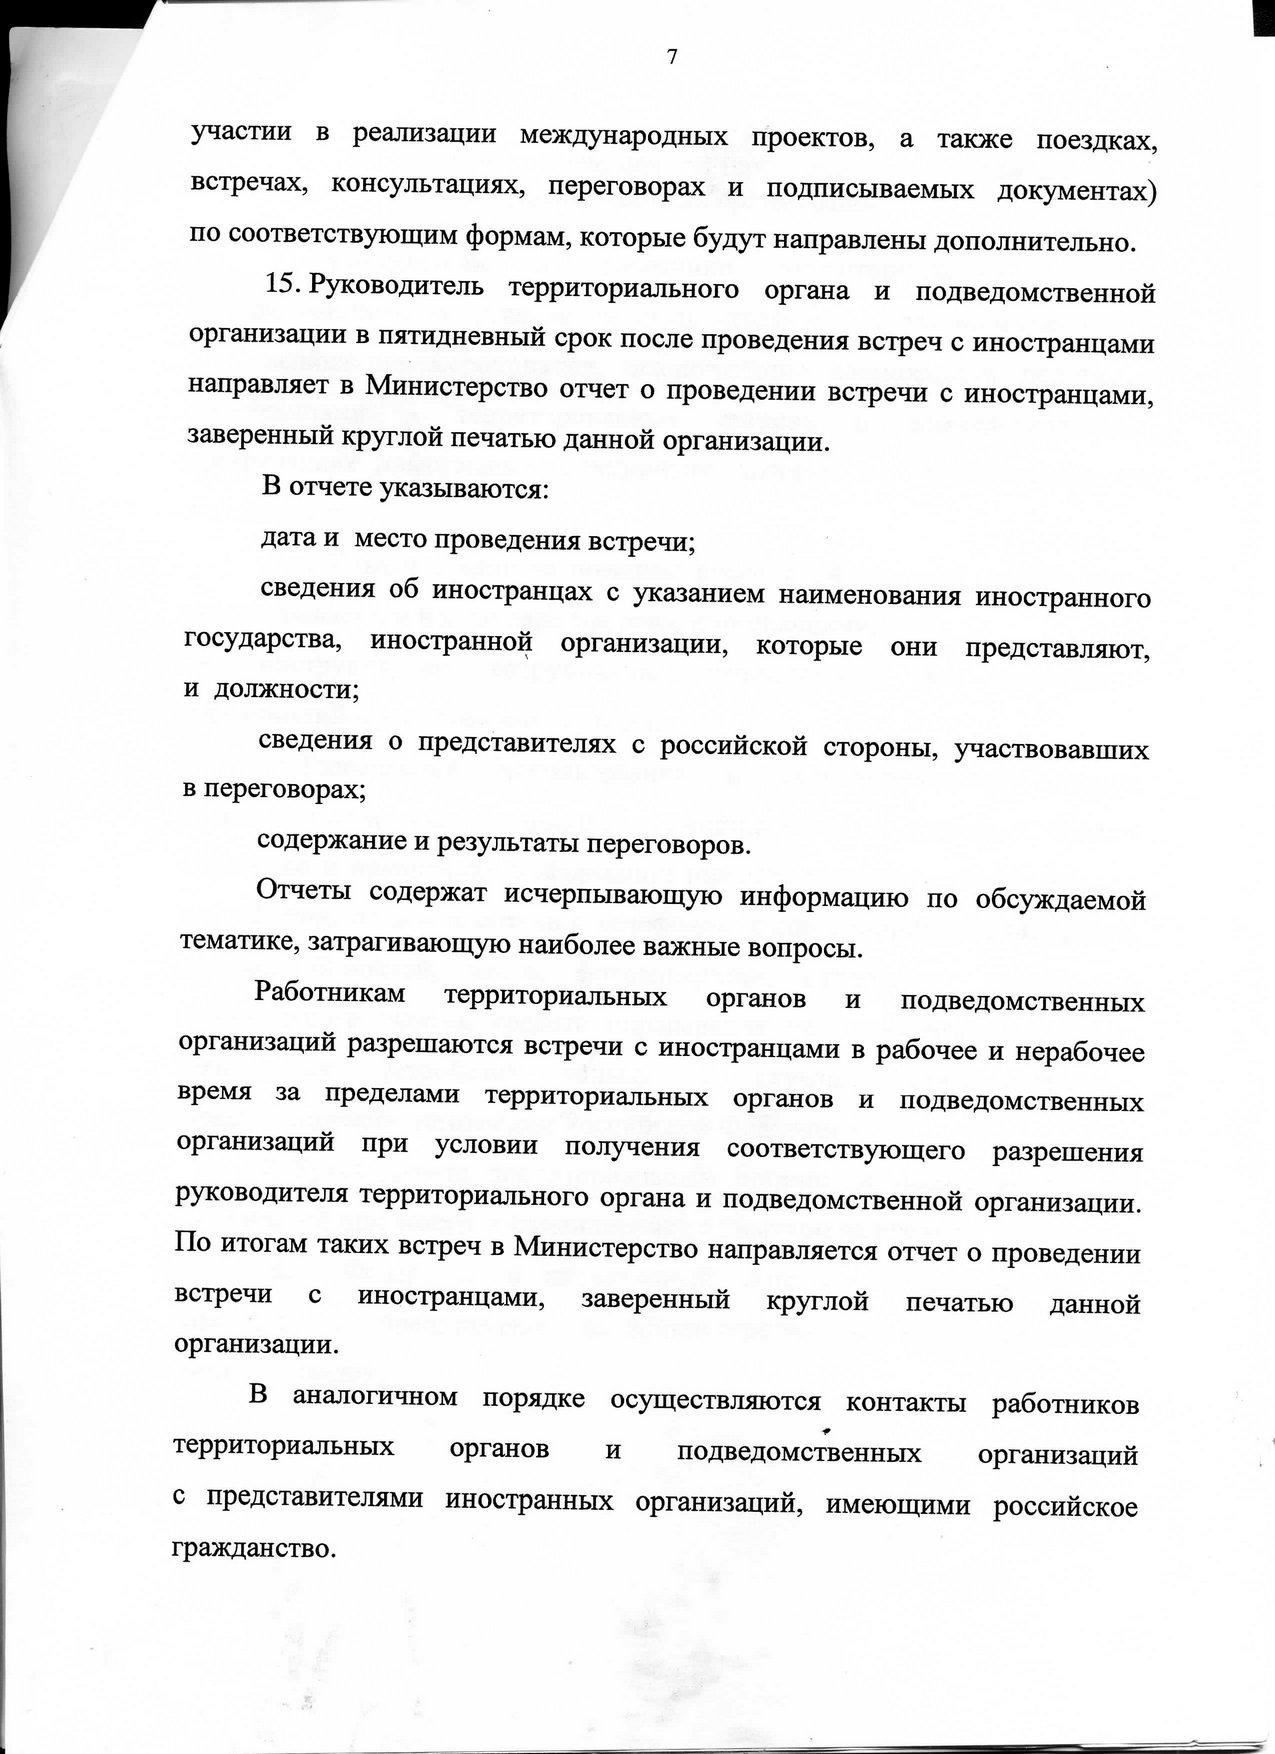 Вход по паспорту, отбирать часы. Российские учёные возмущены приказом Минобрнауки о правилах контактов с иностранцами - 6